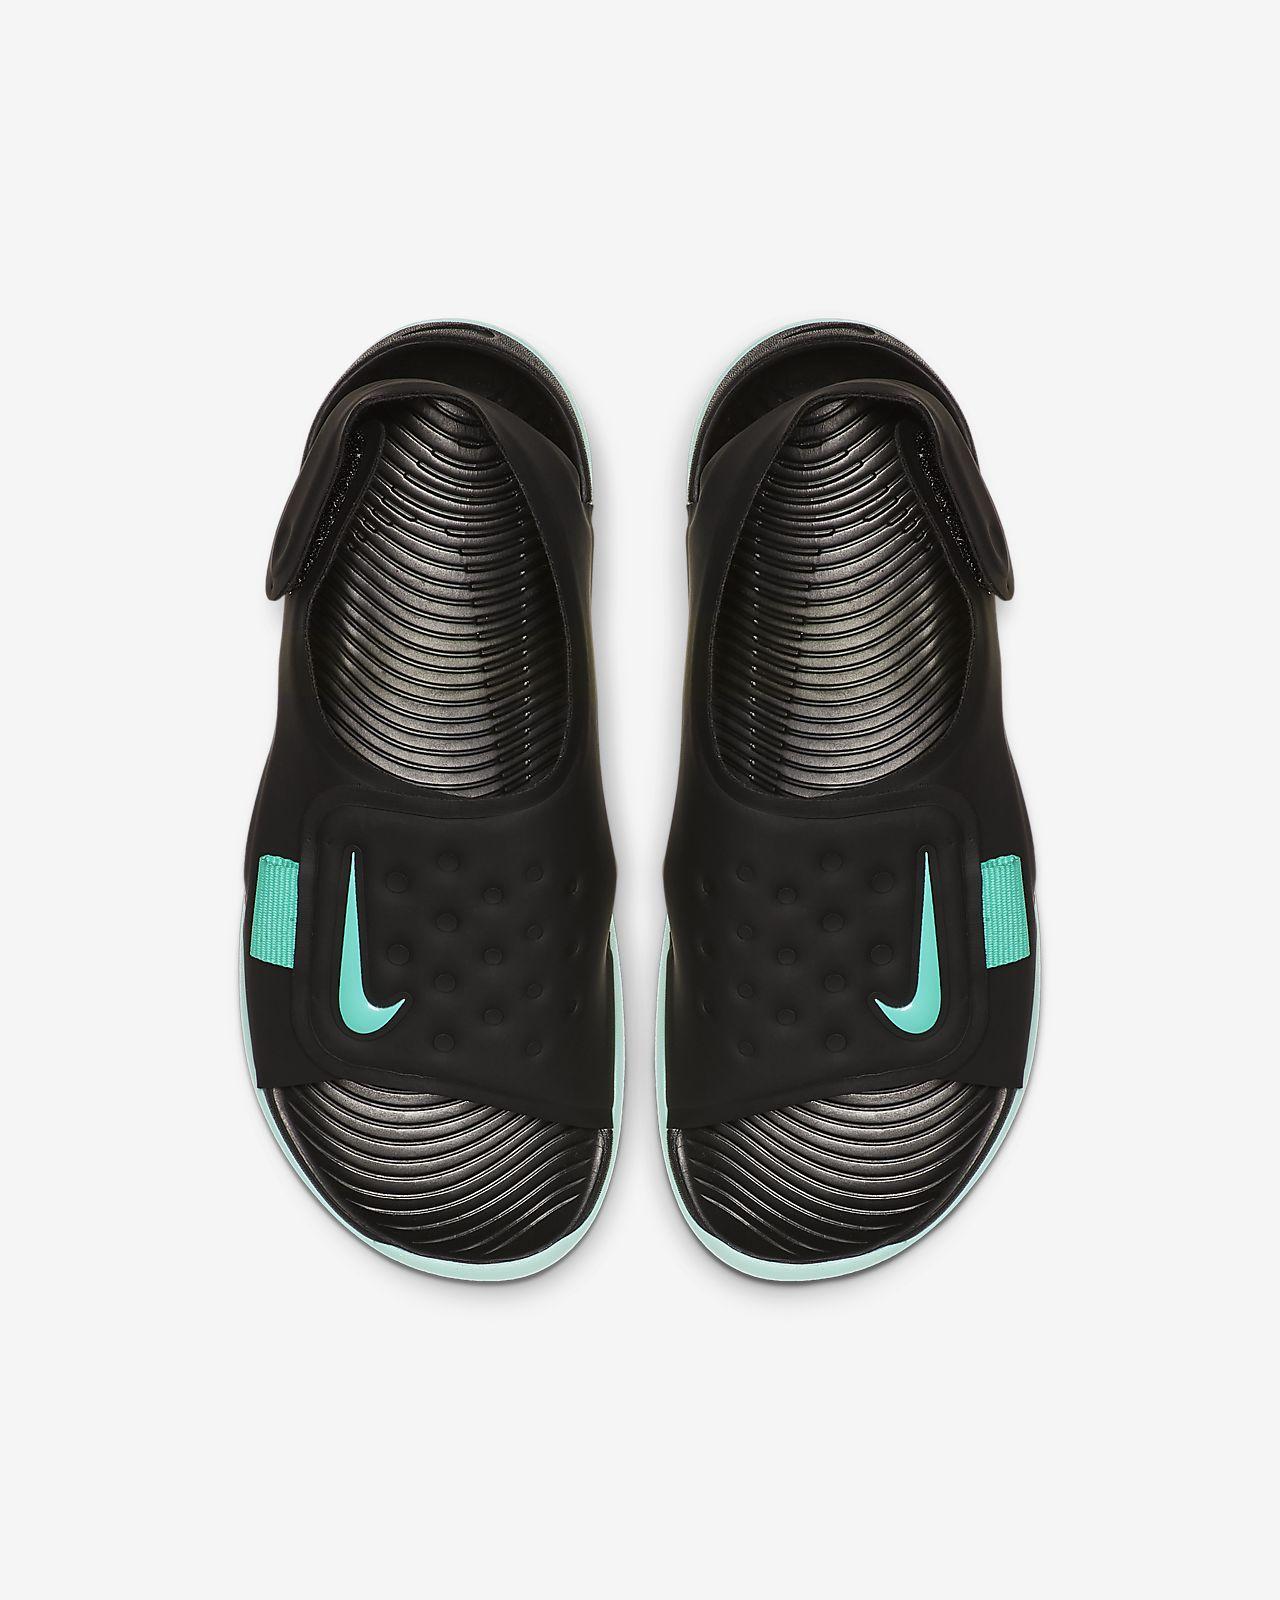 Adjust Enfantenfant Kjt1cl3f Nike Sandale Sunray Jeune Âgé 5 Pour Plus J1FKcl